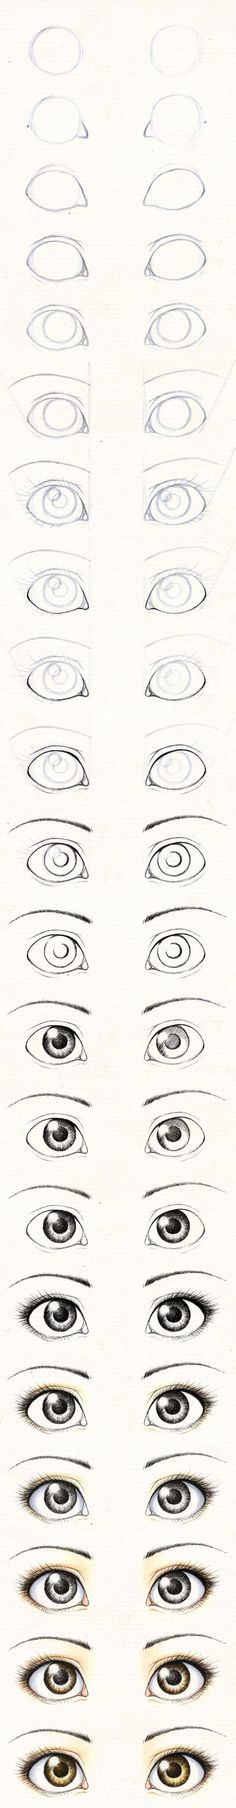 guia para pintar ojos realistas: